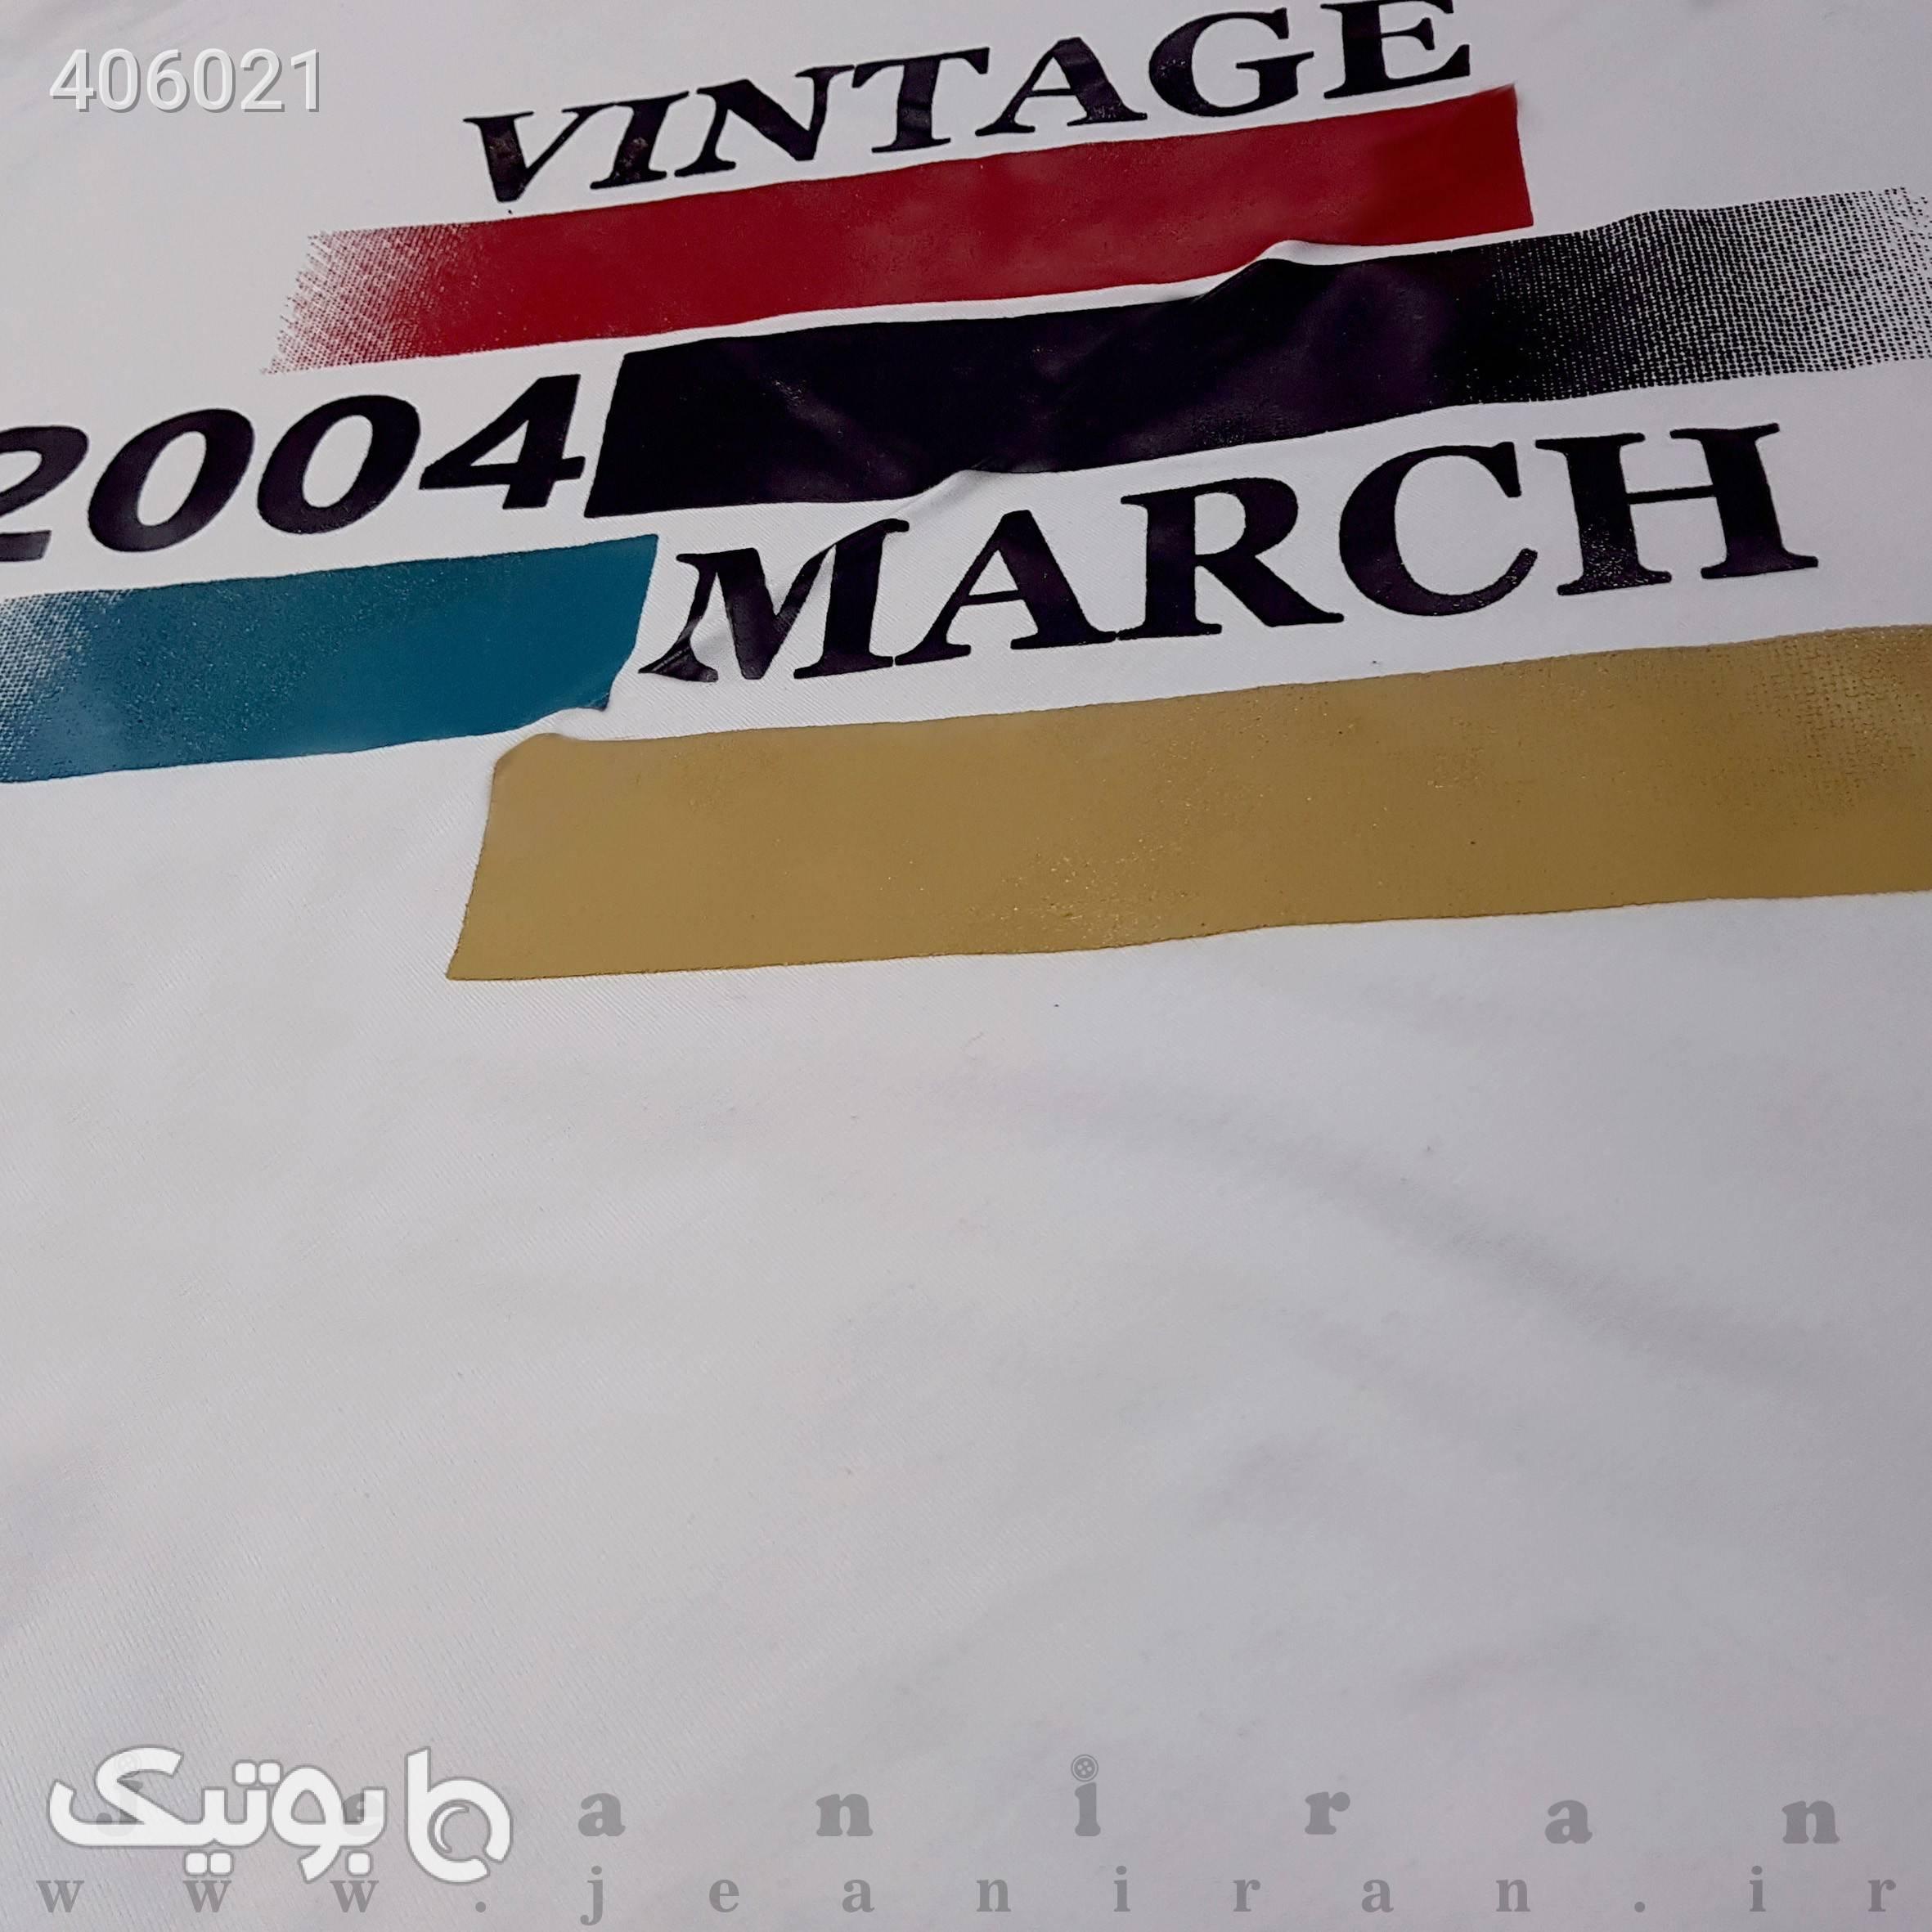 تیشرت پنبه سفید تی شرت و پولو شرت مردانه